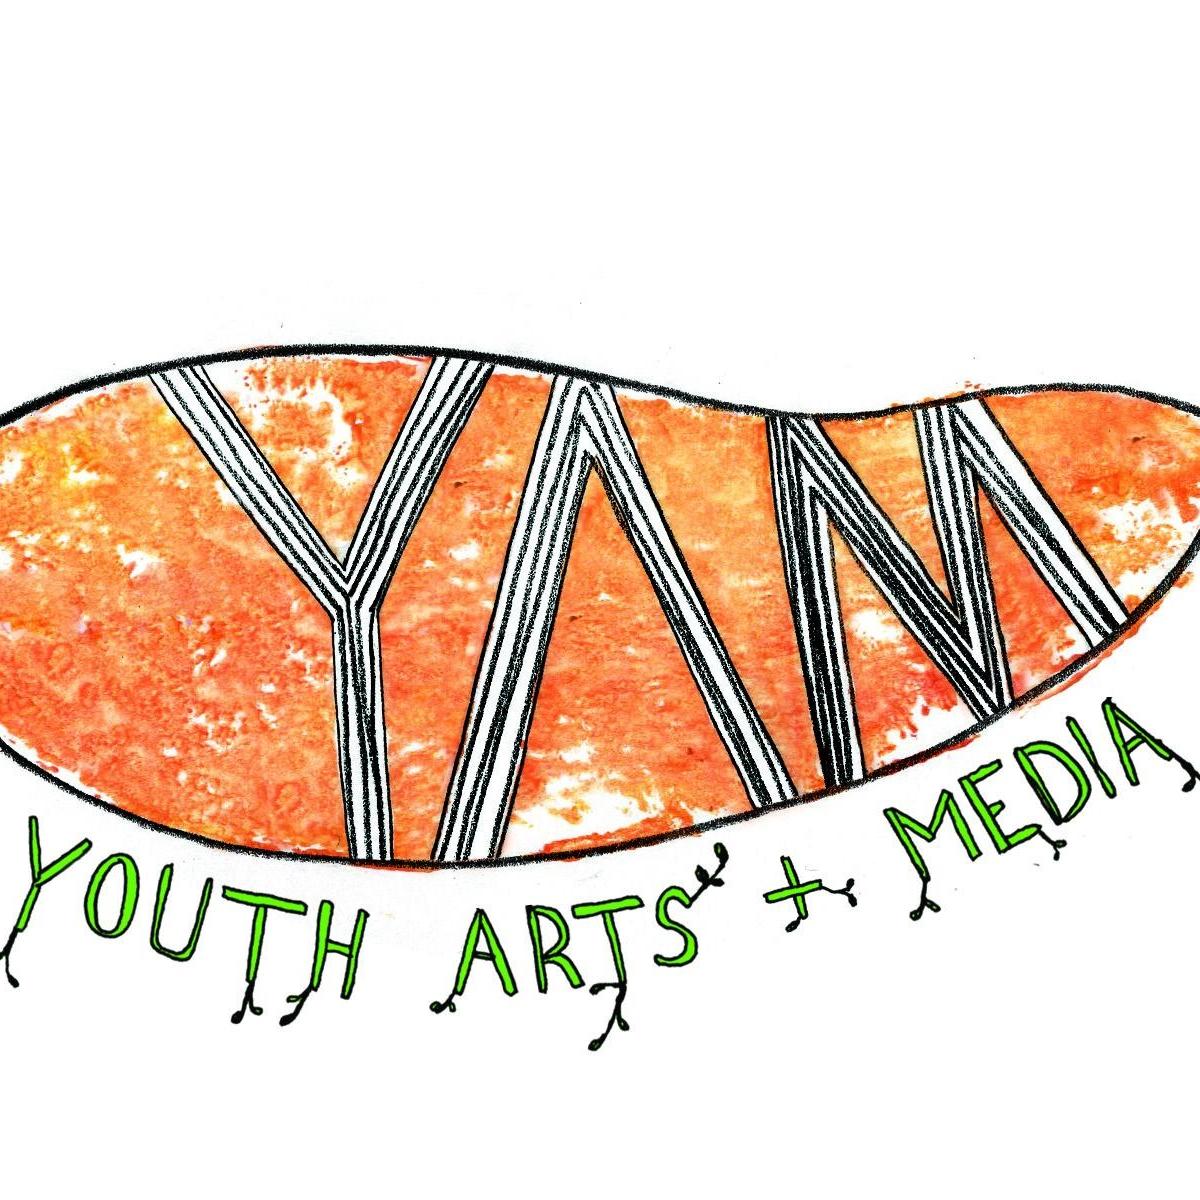 venicearts-youth-media-festival.jpg